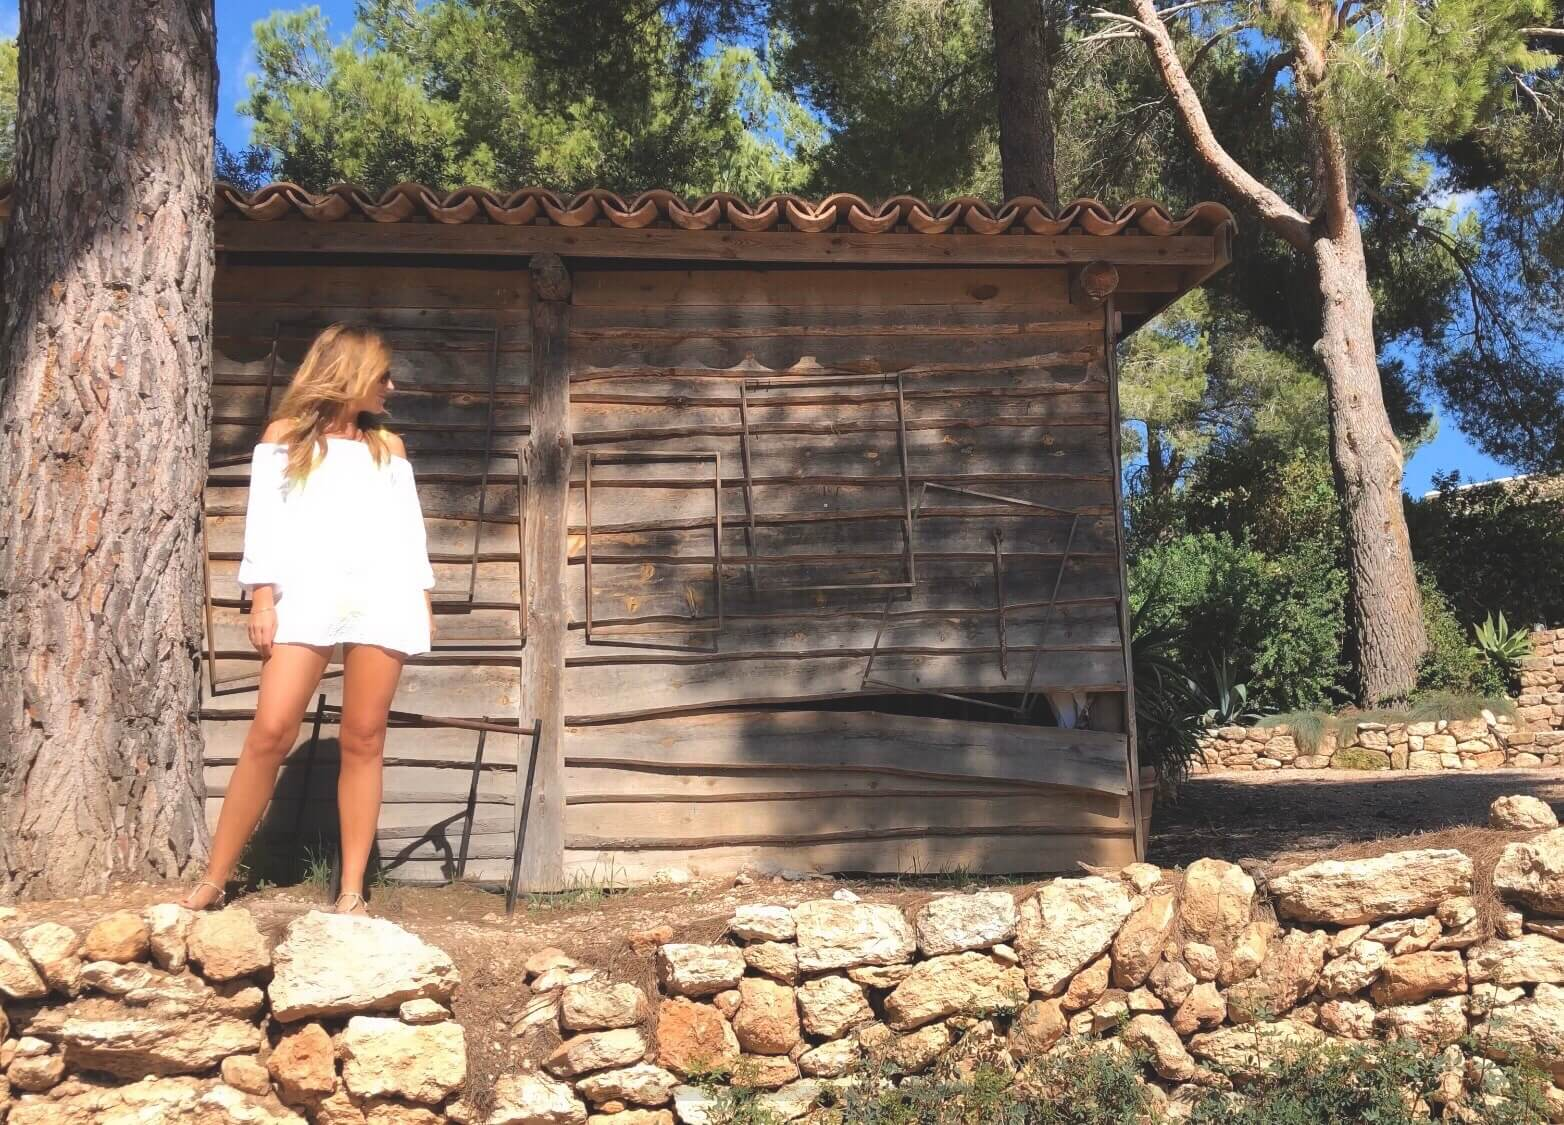 Sei Freundlich du Idiot Annaway Blog Reiseblog Travelblog Lifestyle 5-2